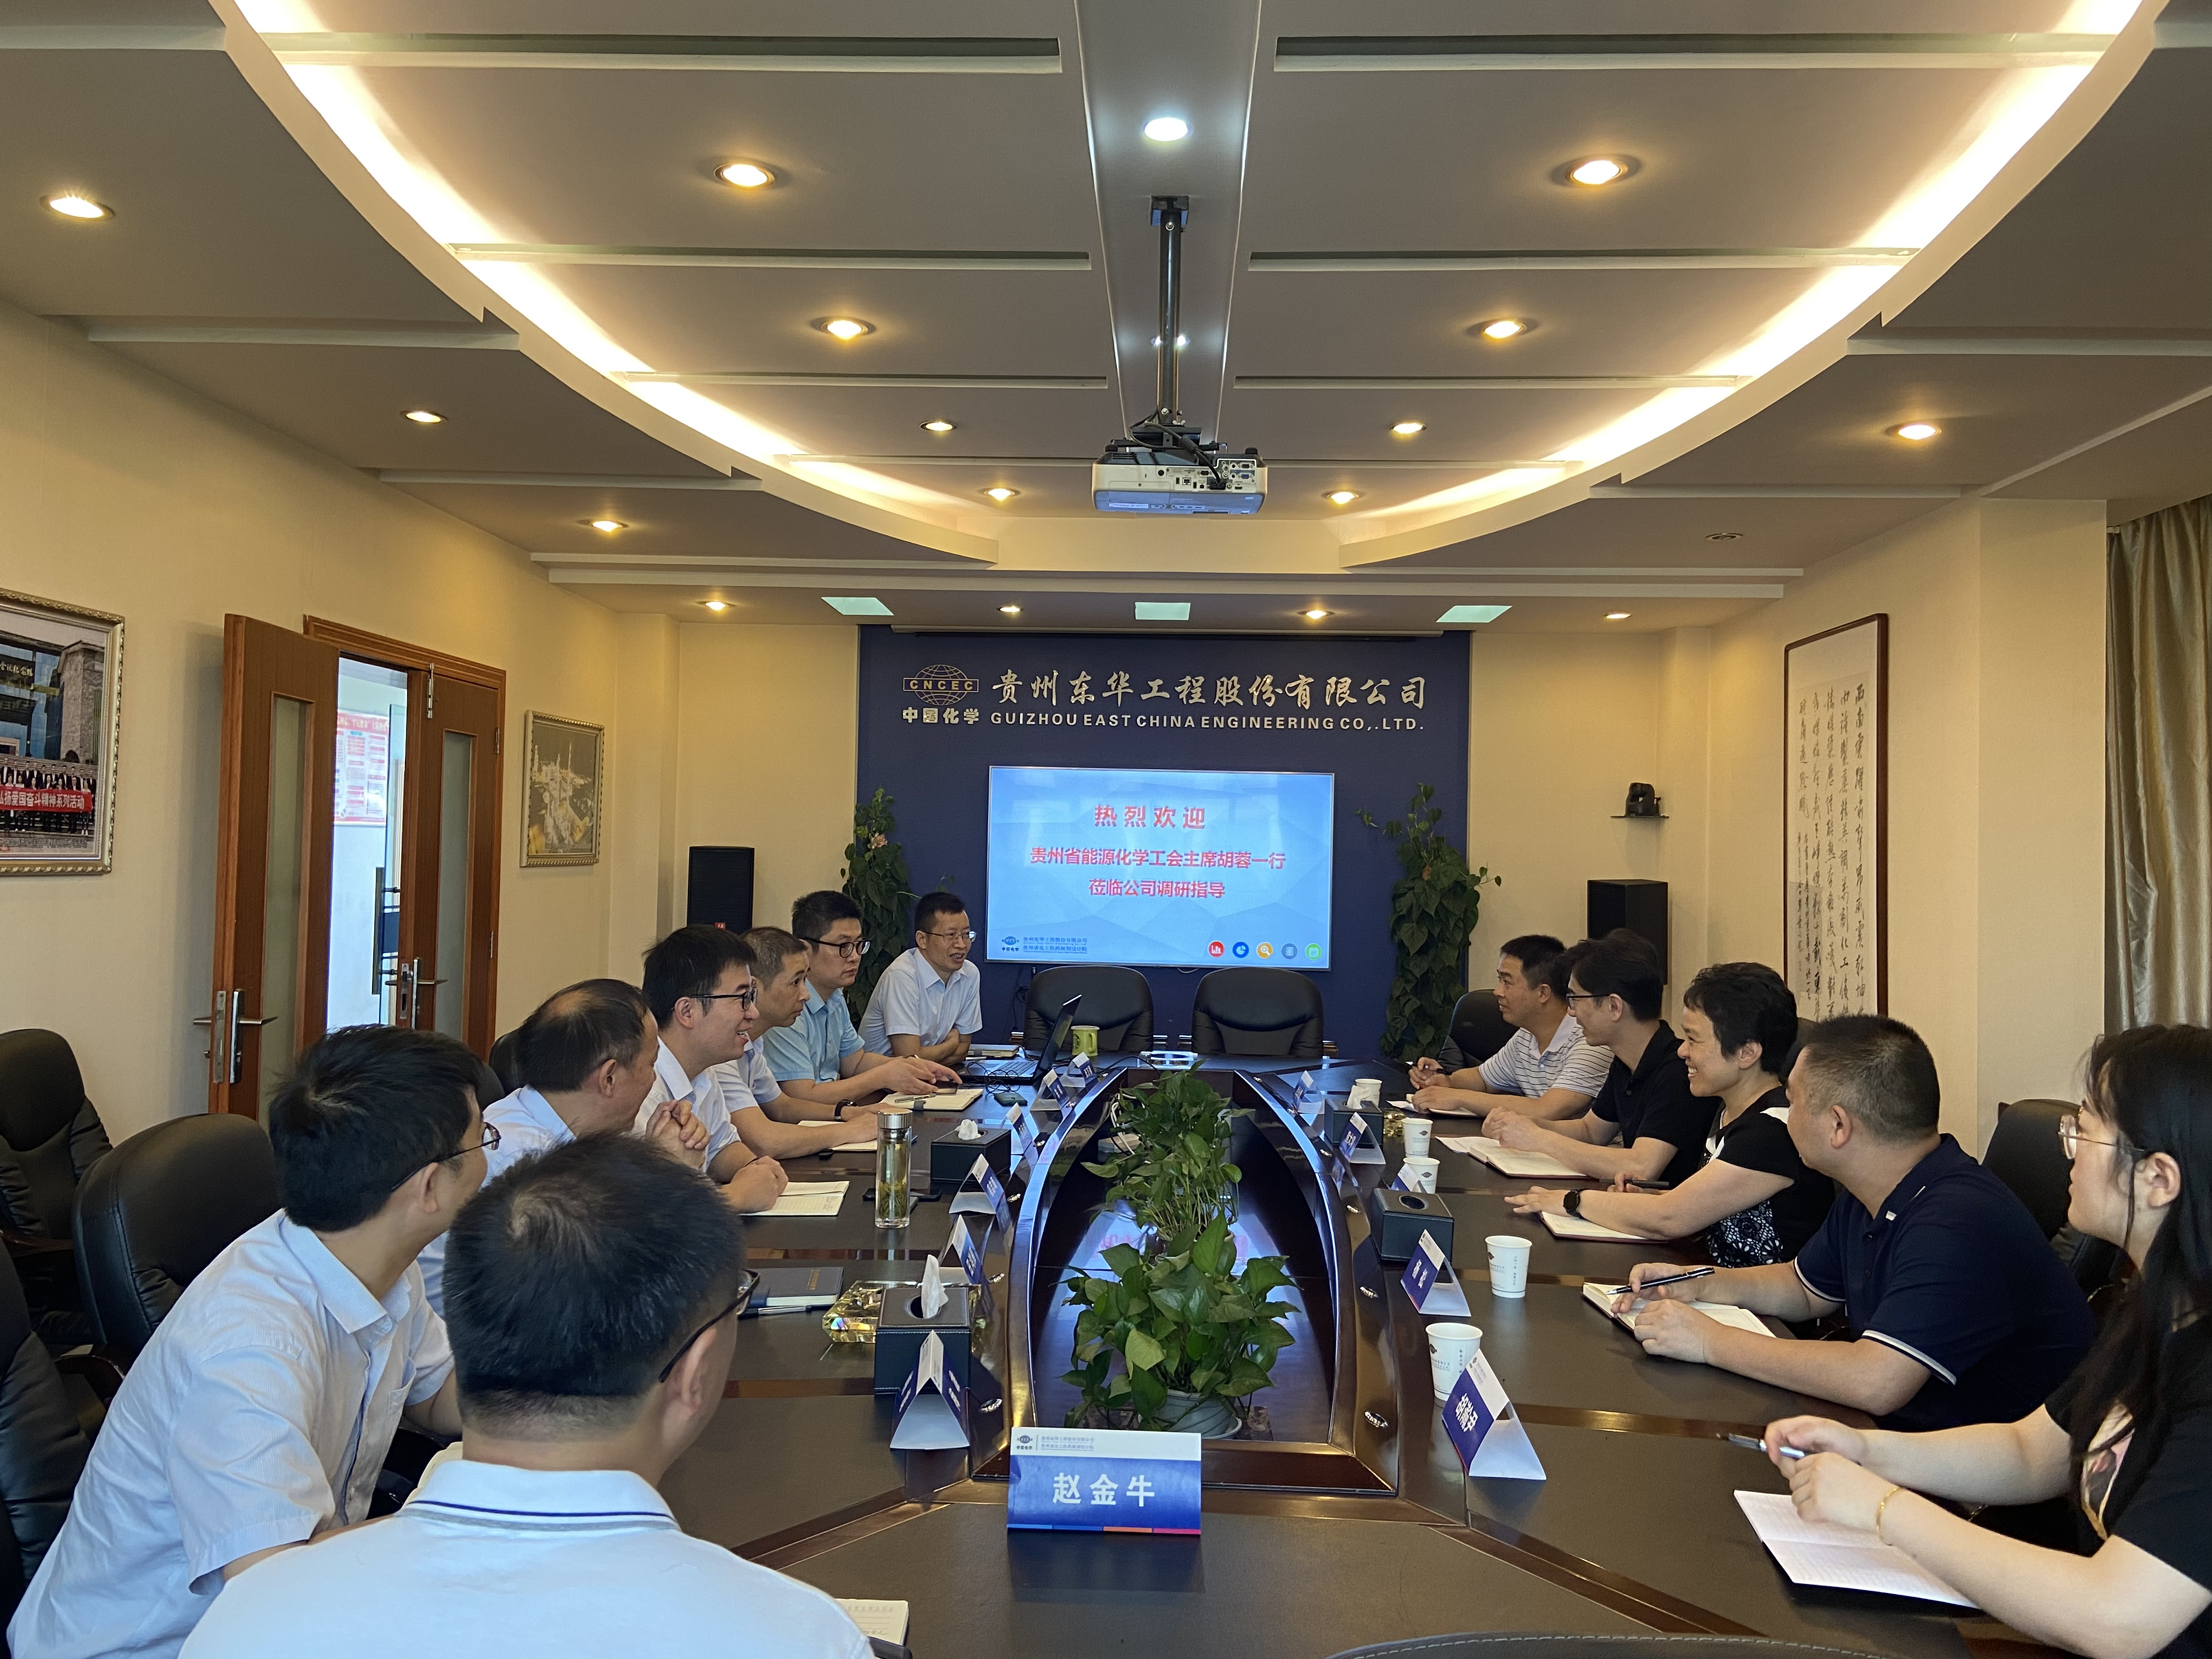 贵州省能源化学工会主席胡蓉莅临公司调研指导